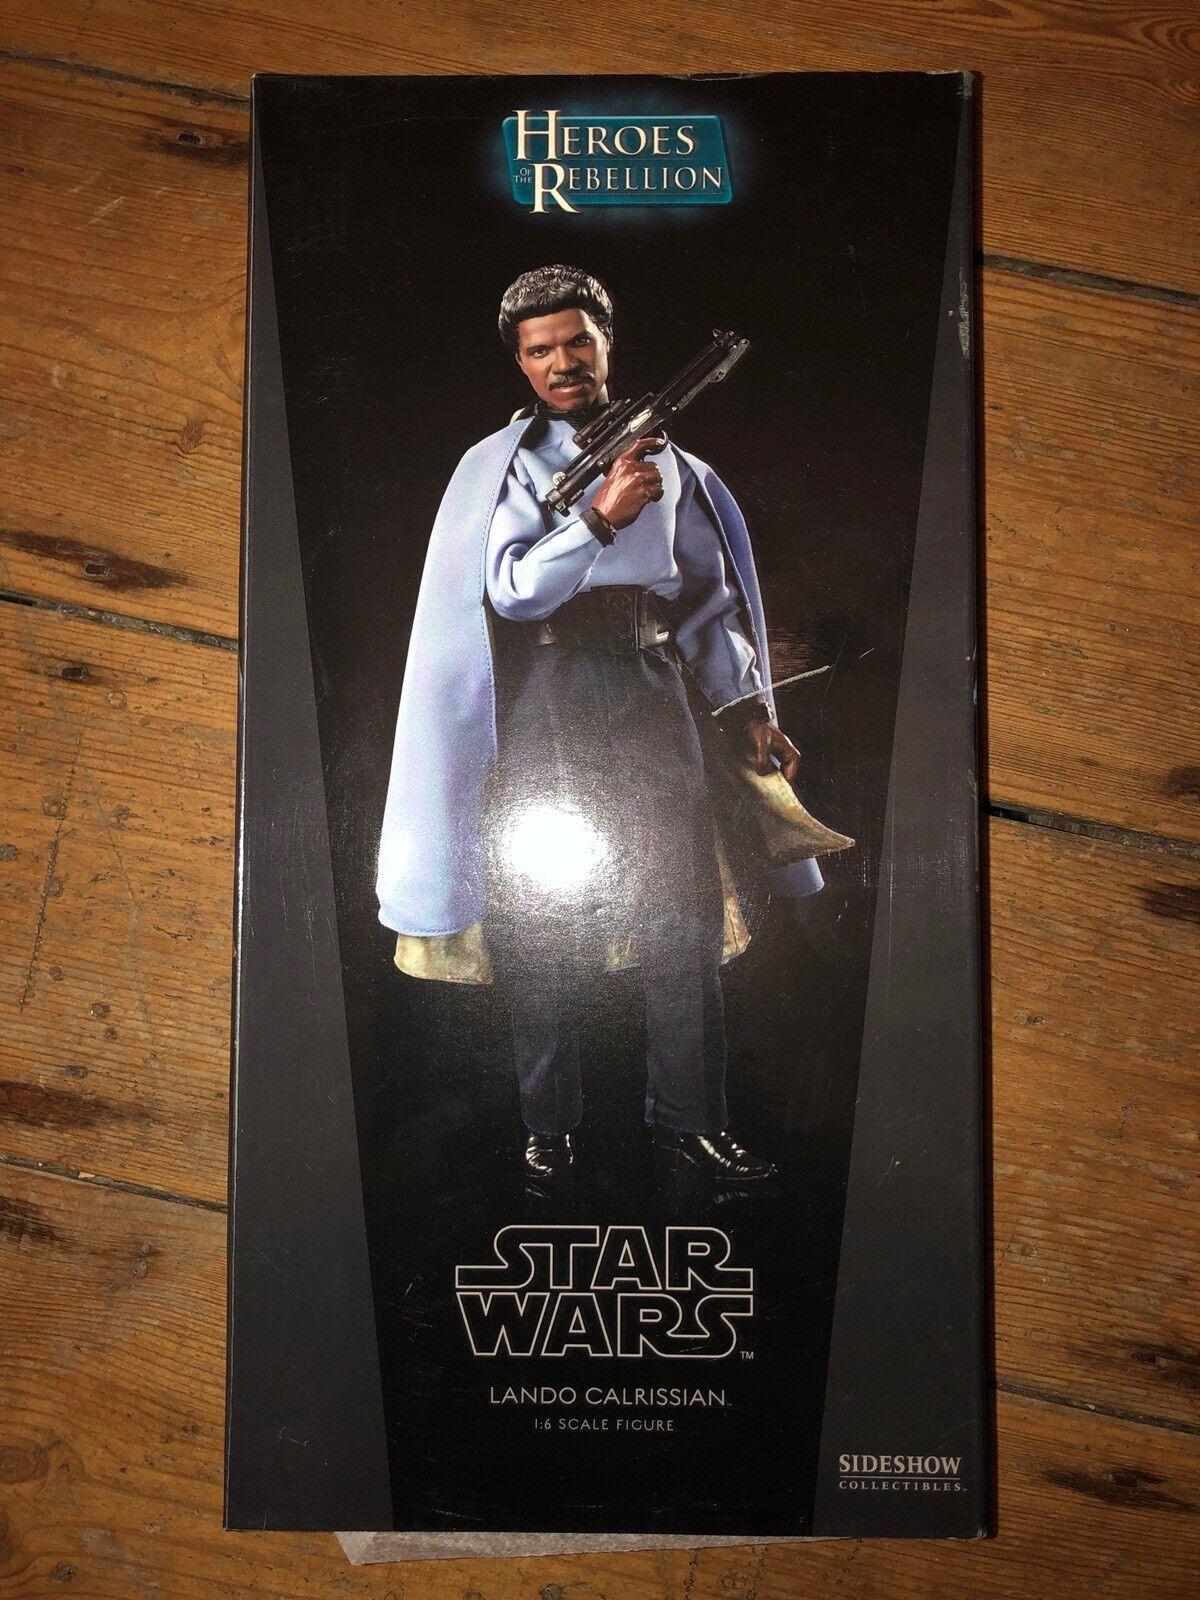 servicio honesto Sideshow Sideshow Sideshow Estrella Wars Héroes de la rebelión Lando Calrissian afssc 514  marca en liquidación de venta